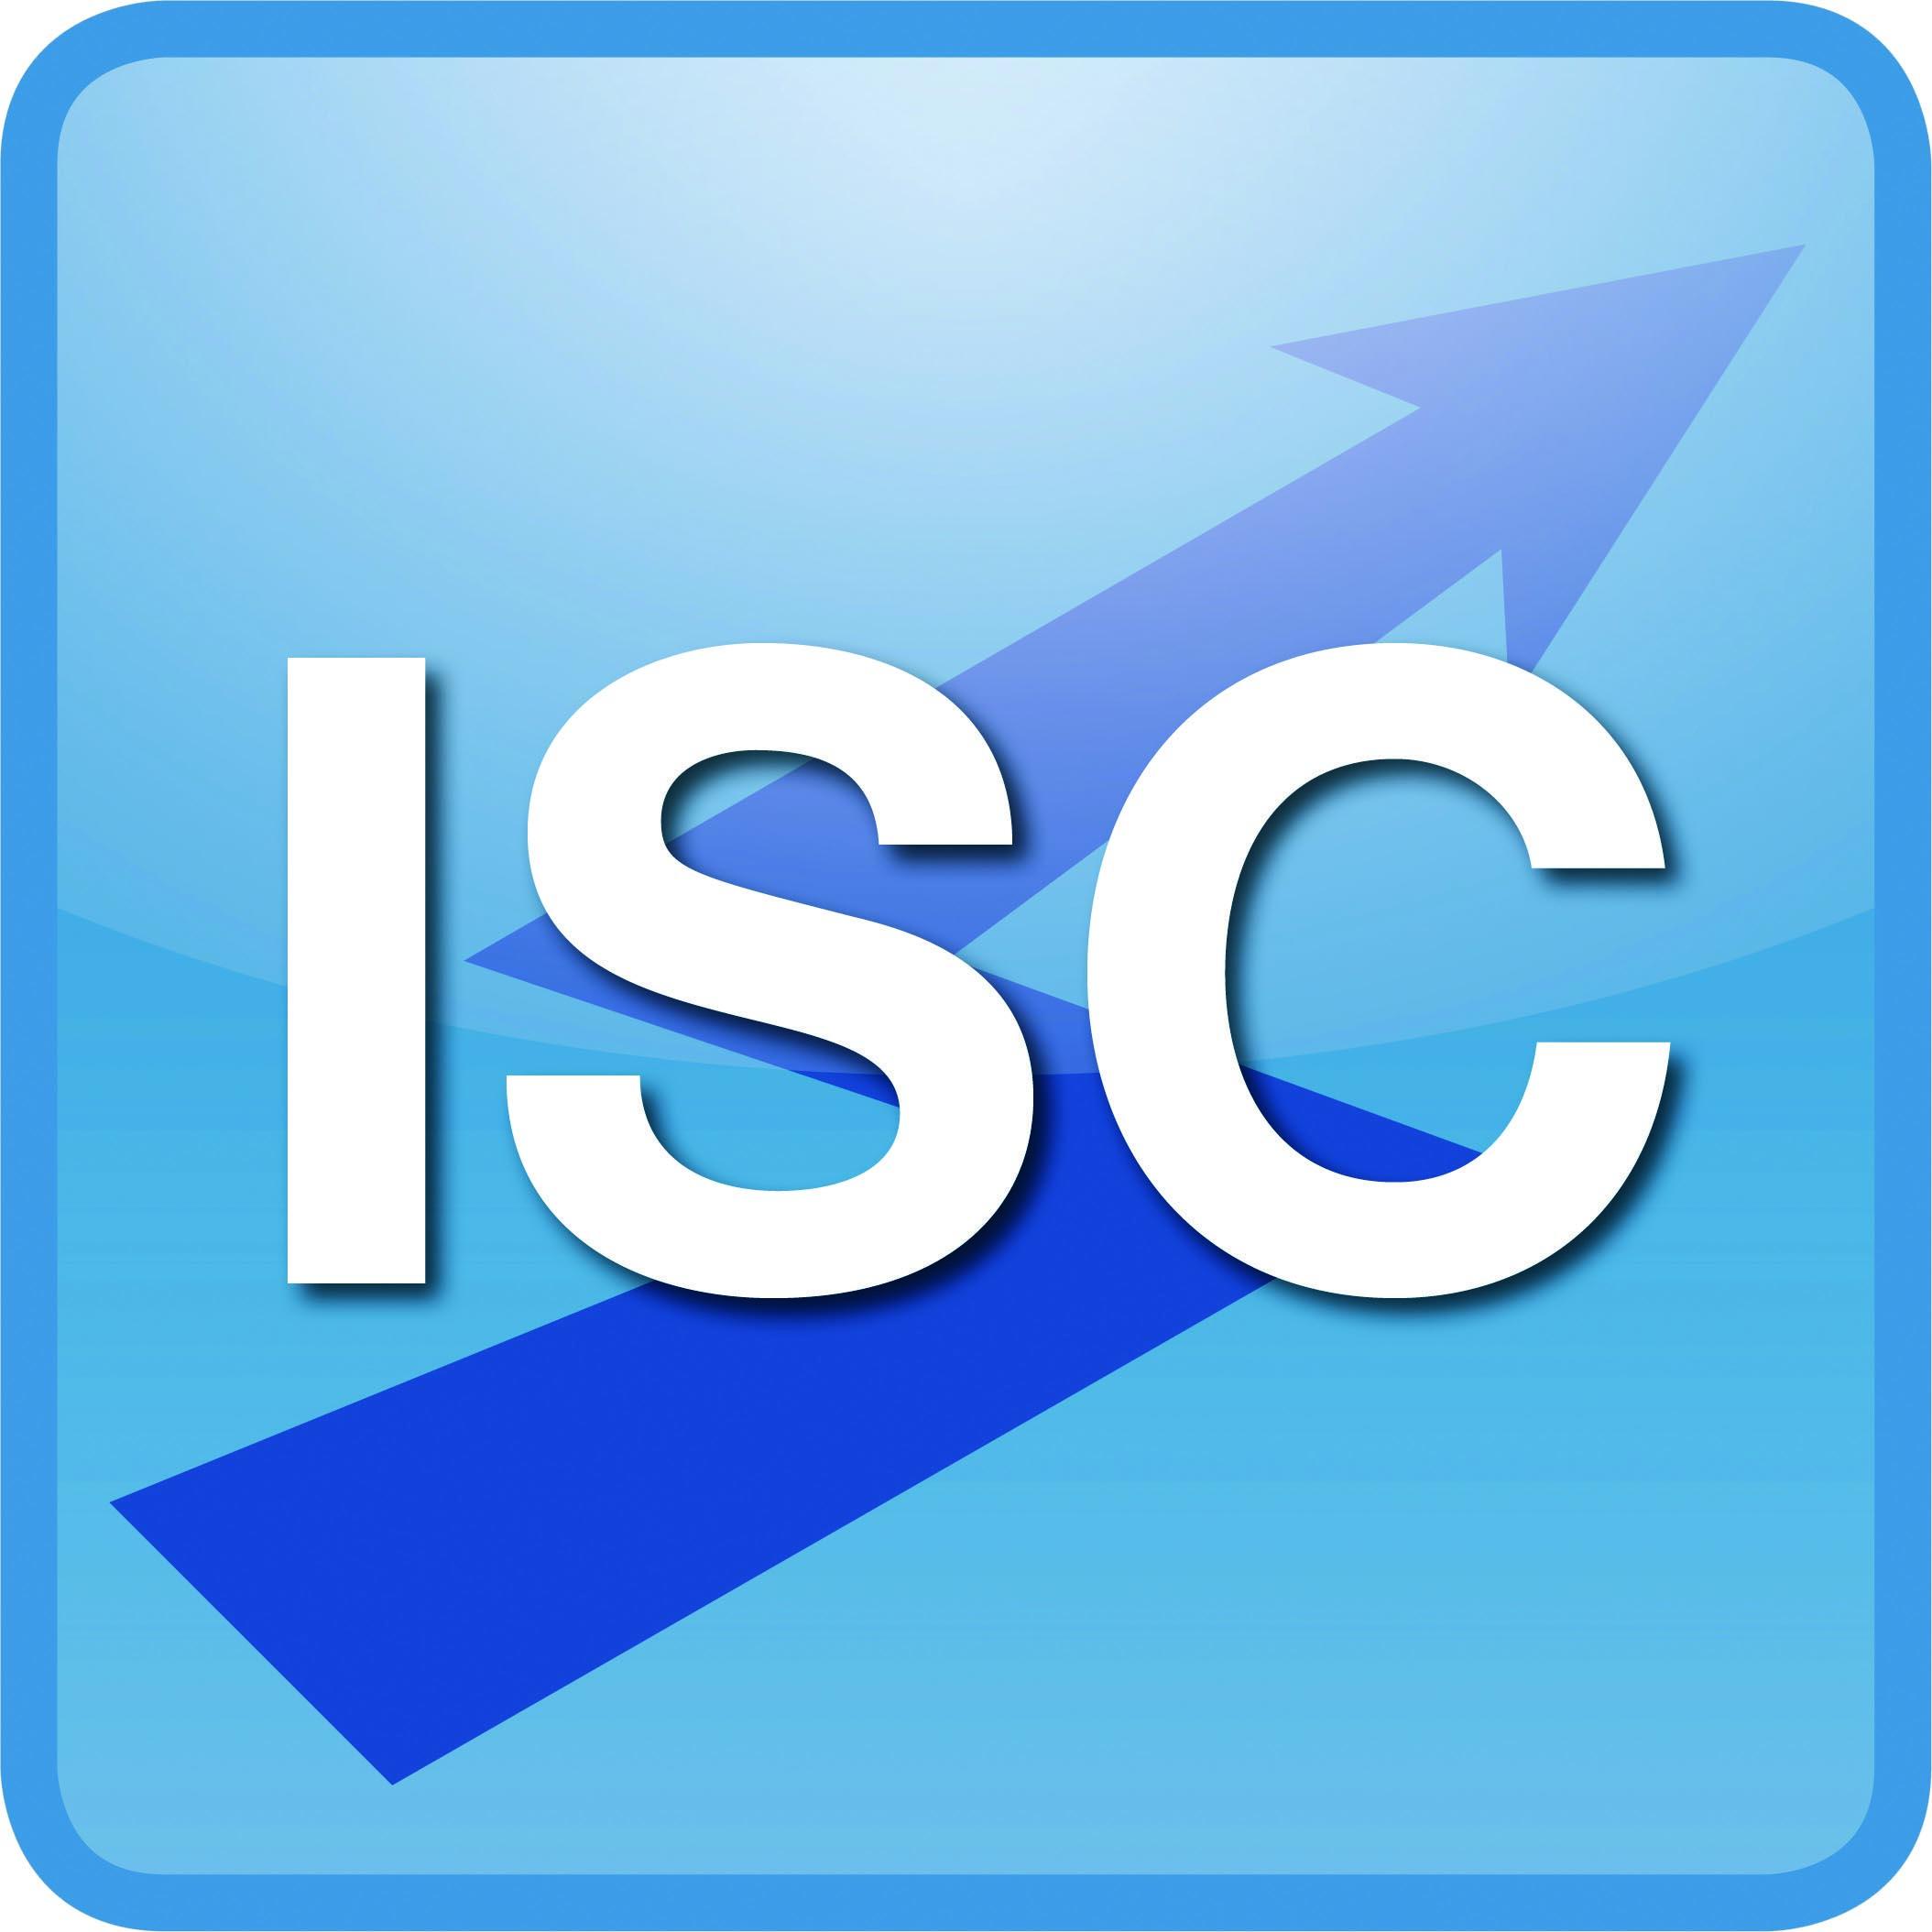 ISC-Elco-flamax-eficiencia-energetica